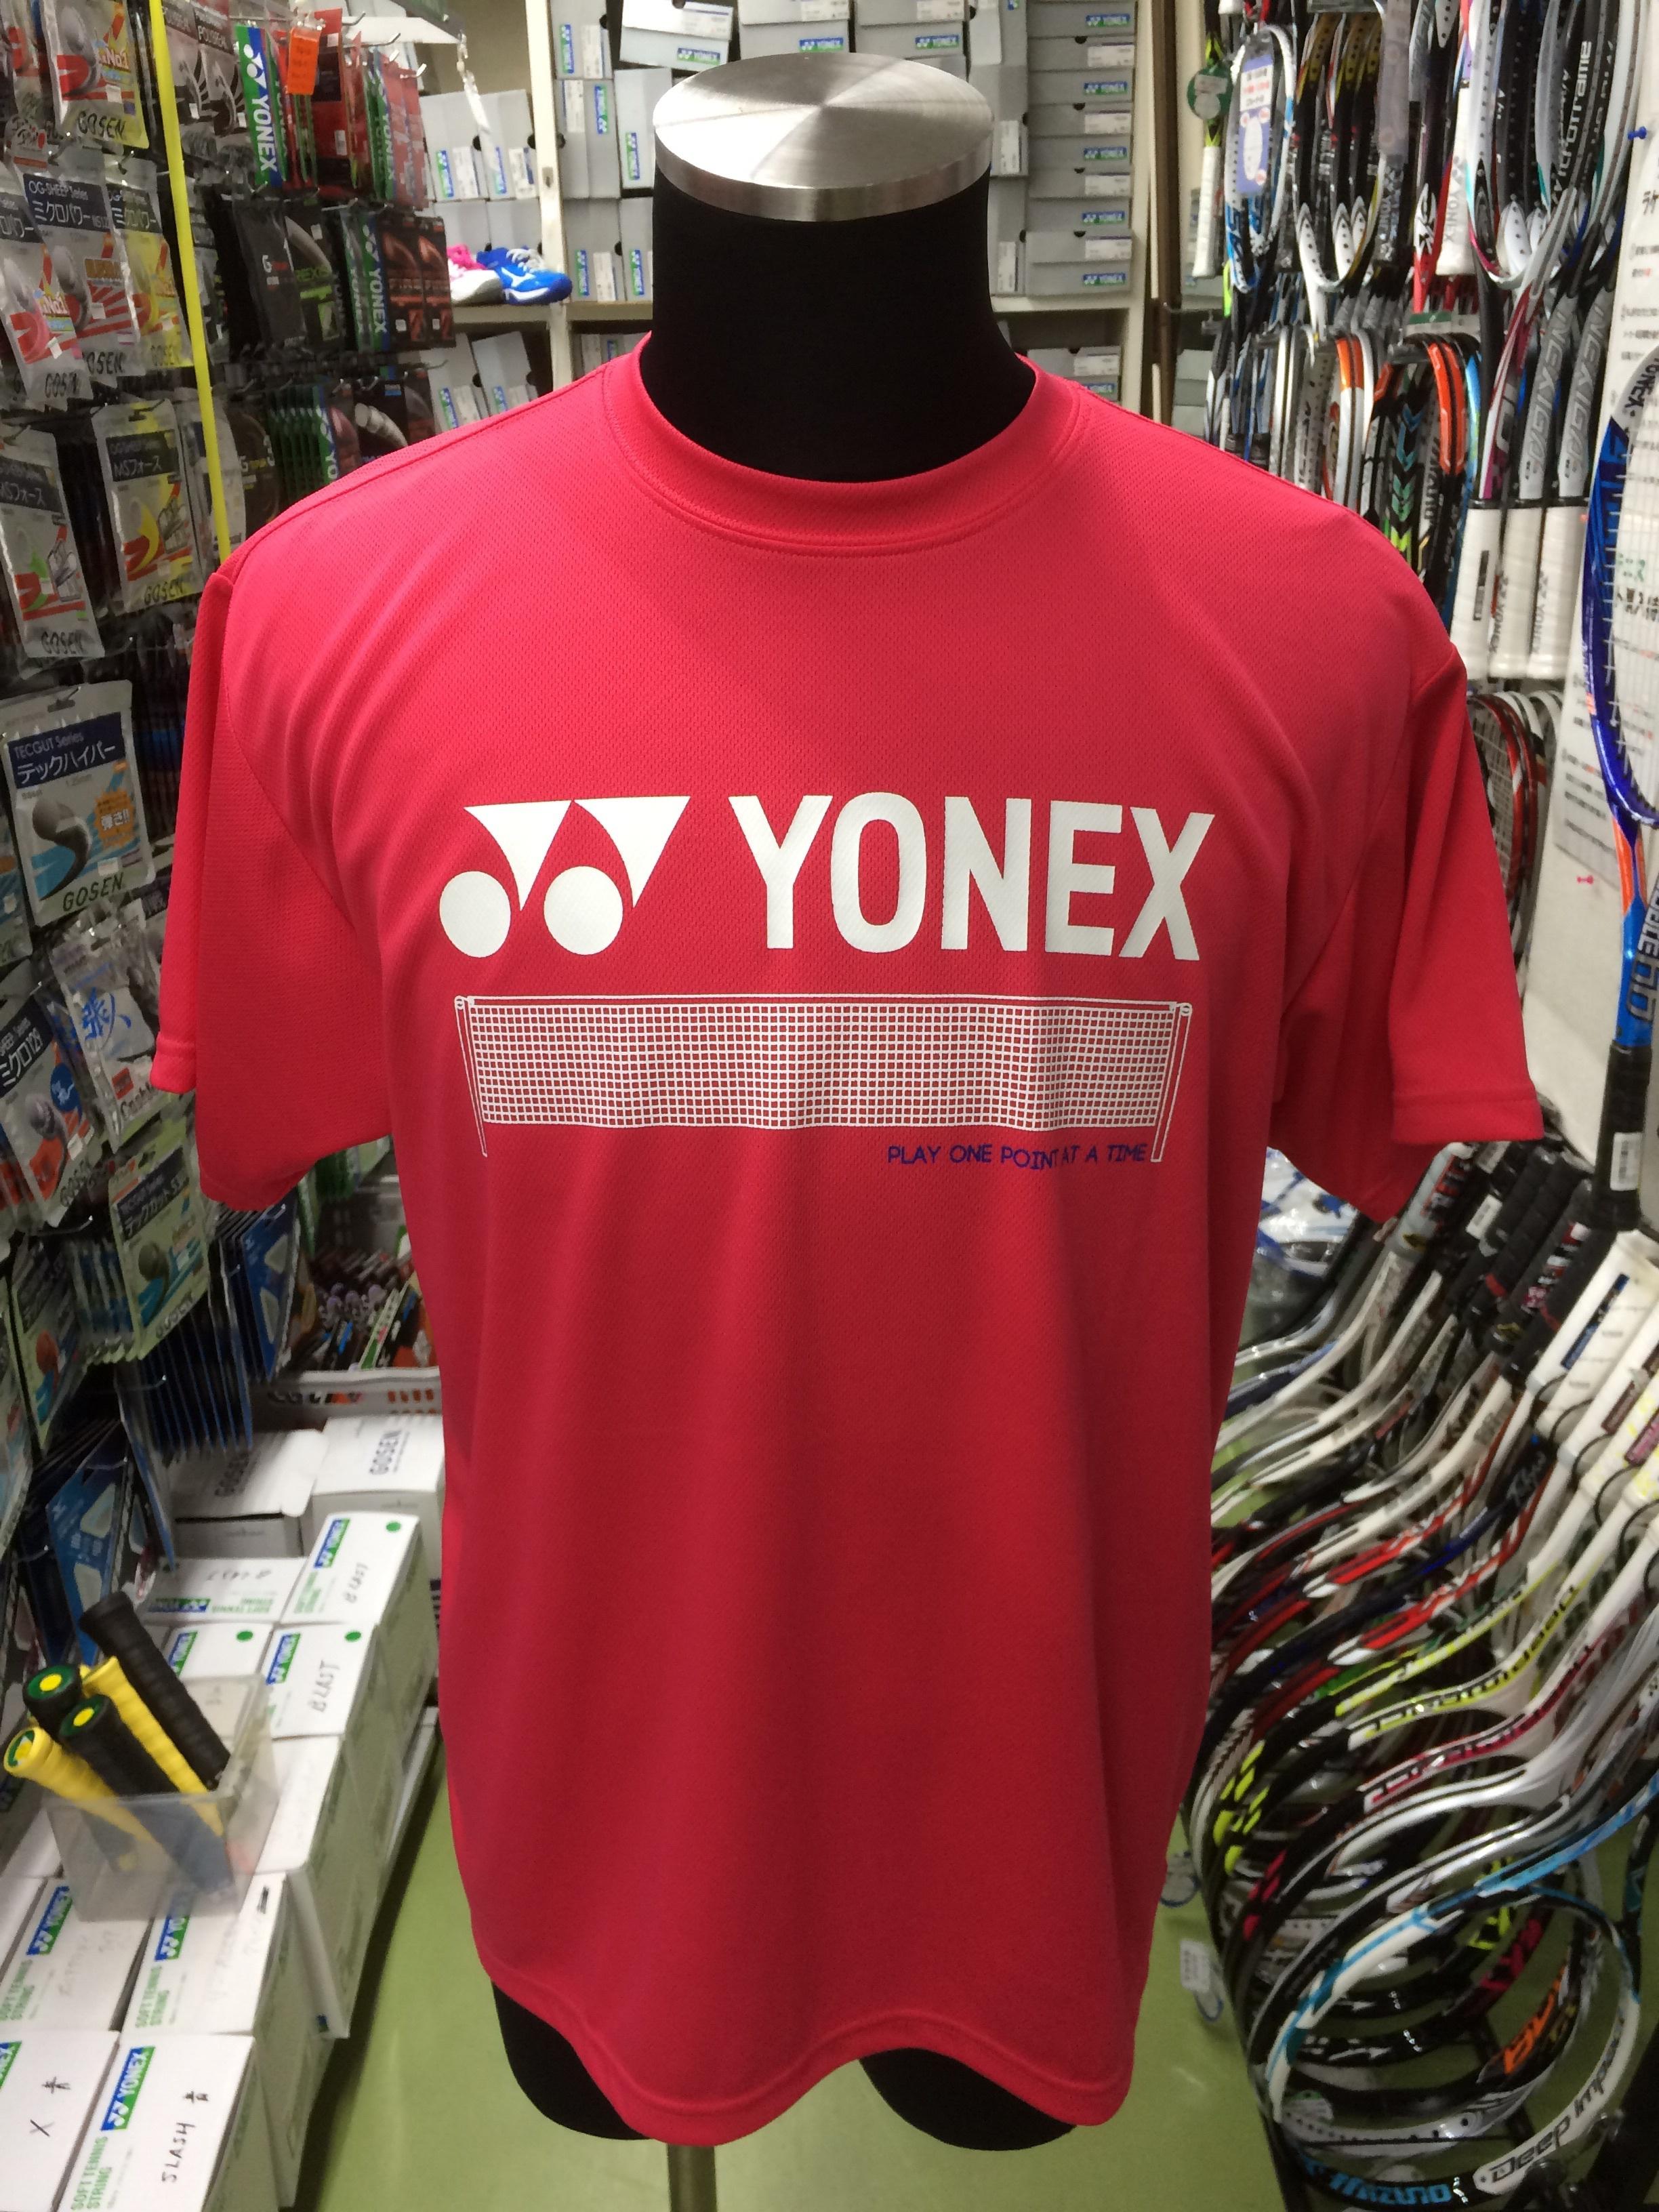 ヨネックス ユニドライTシャツ 16253Y - 画像1